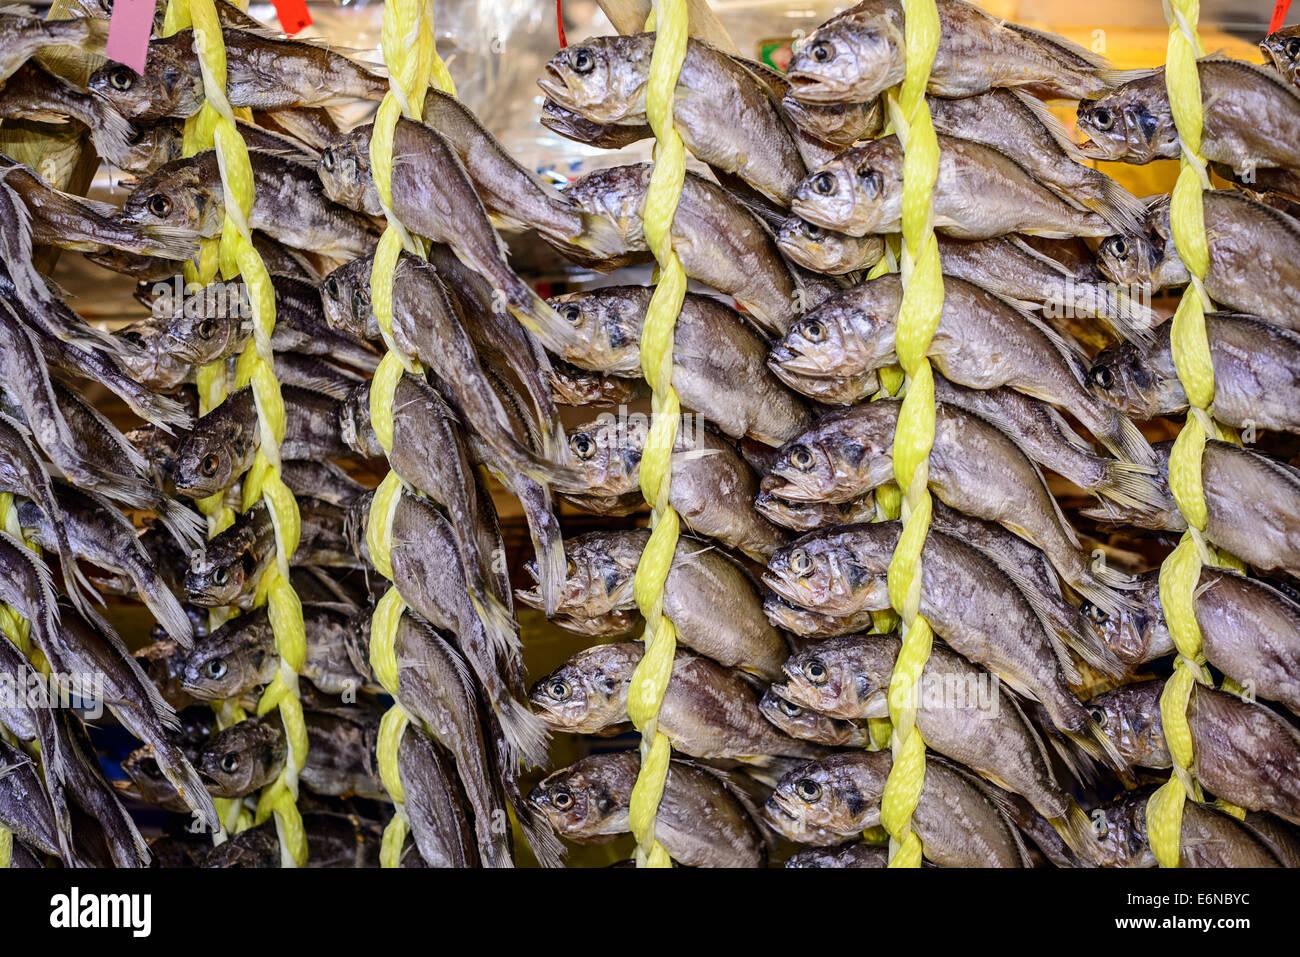 Pescado seco en el mercado de gwangjang en Seúl, Corea del Sur Imagen De Stock